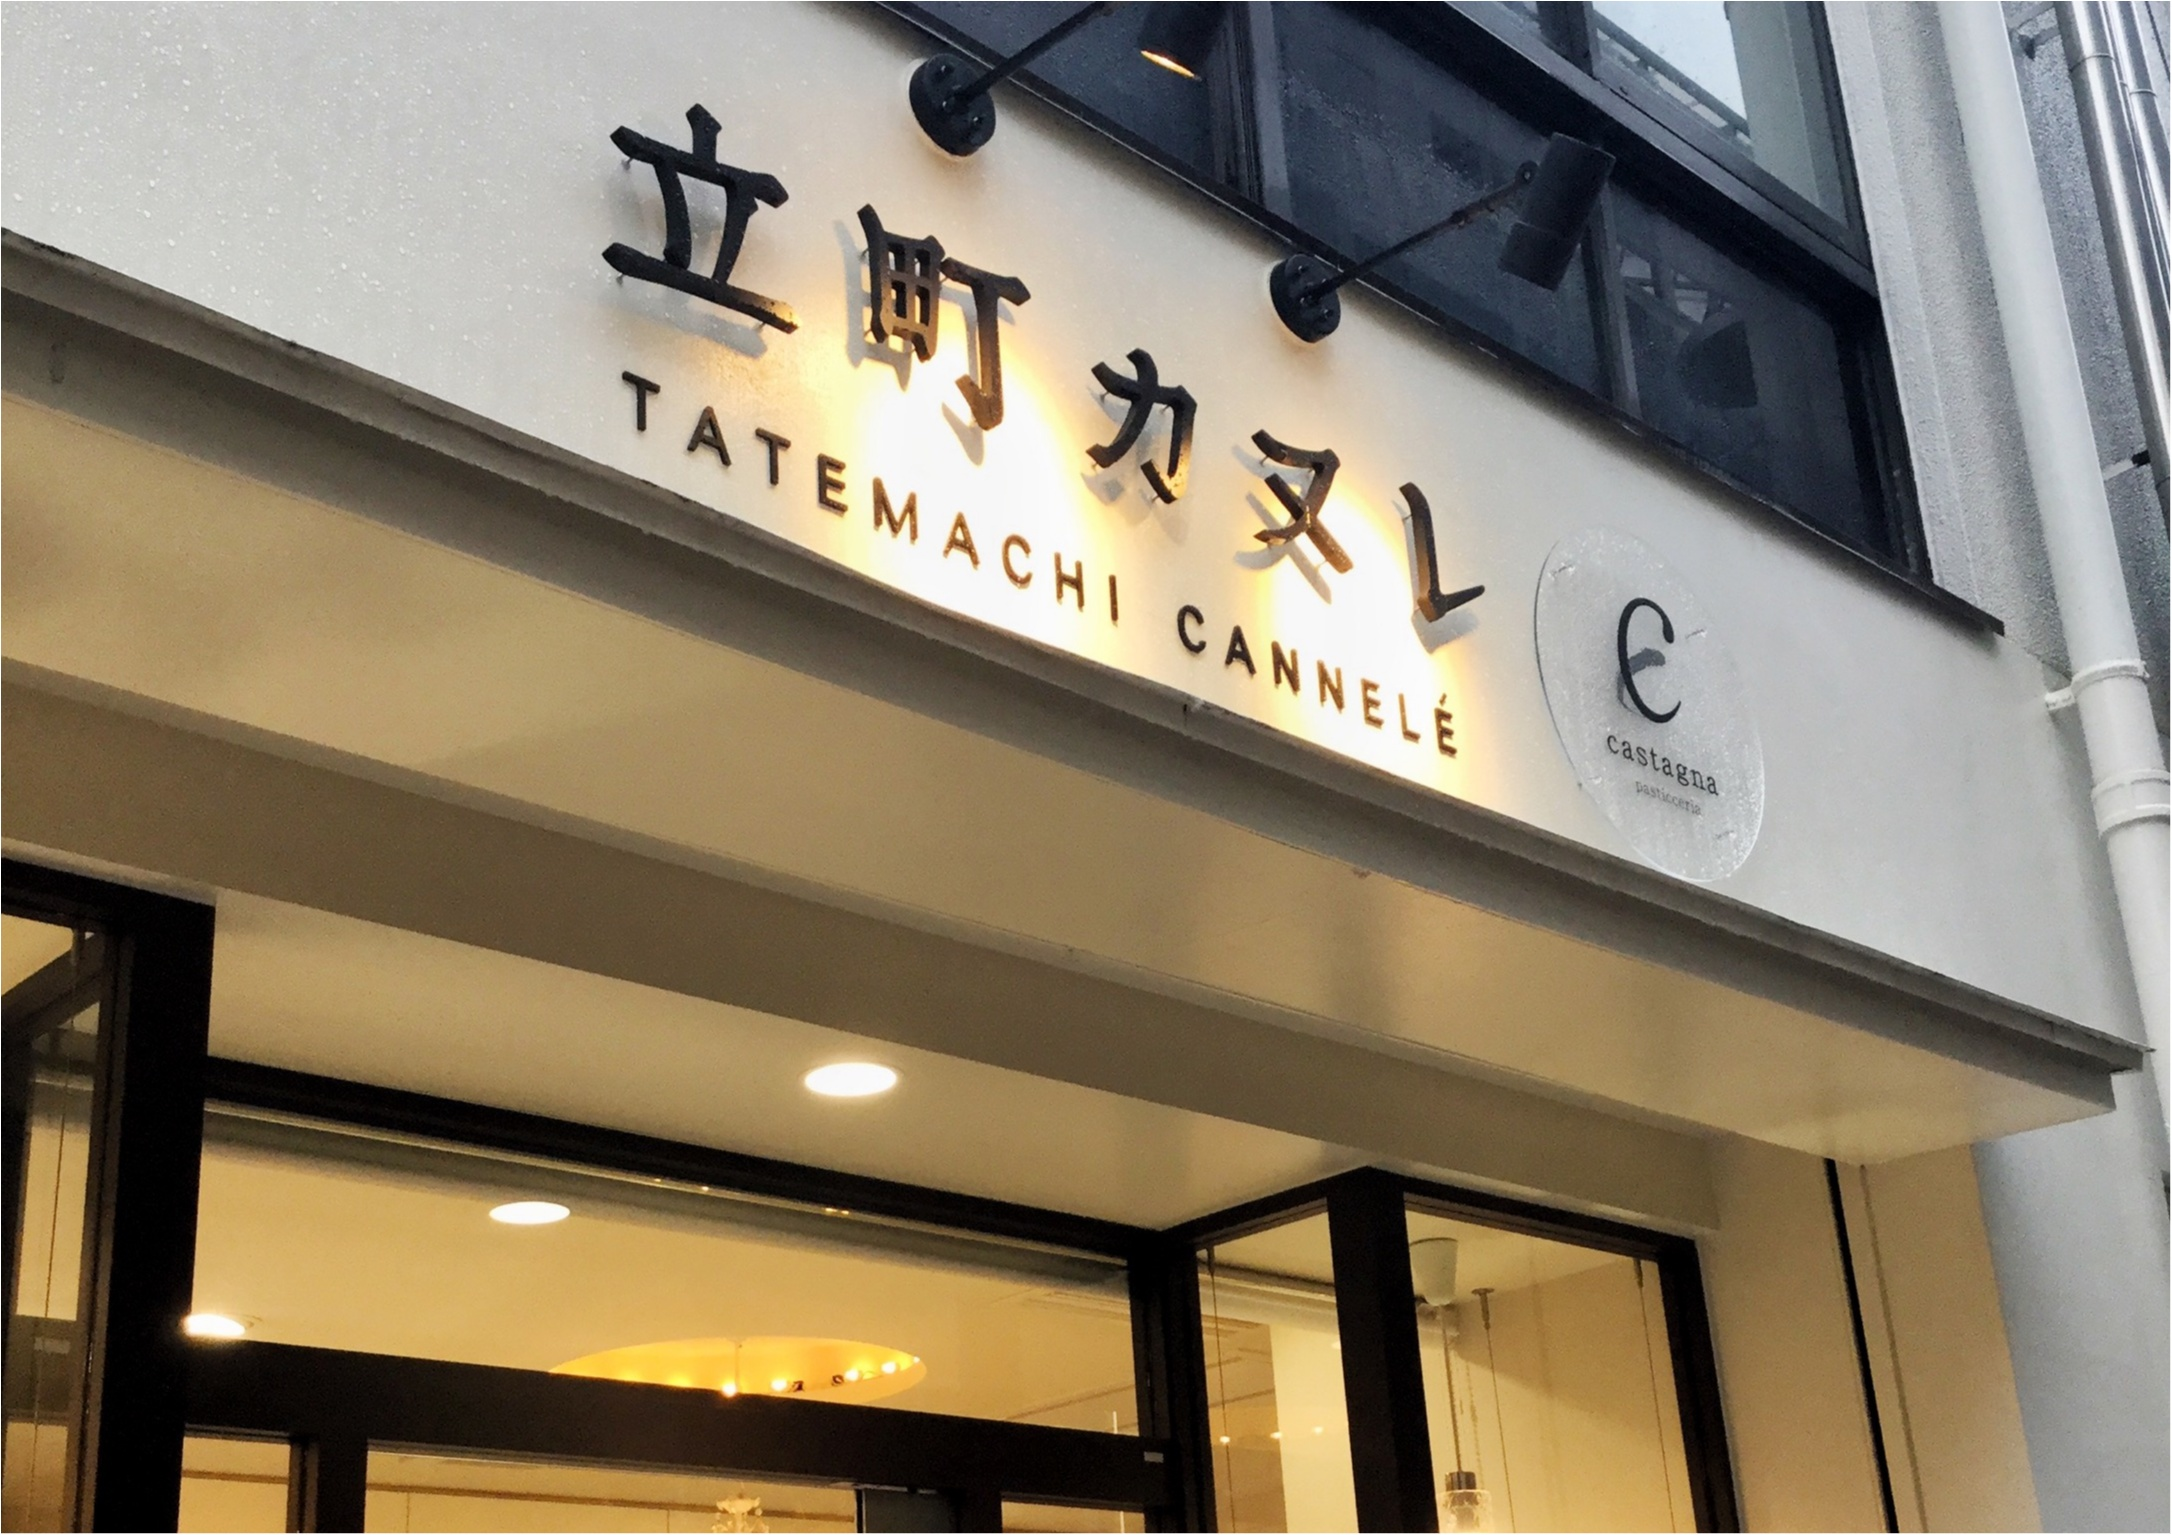 広島のおしゃれなお土産特集《2019年》- 人気の定番土産から話題のチョコ、スタバの限定タンブラーも!_45